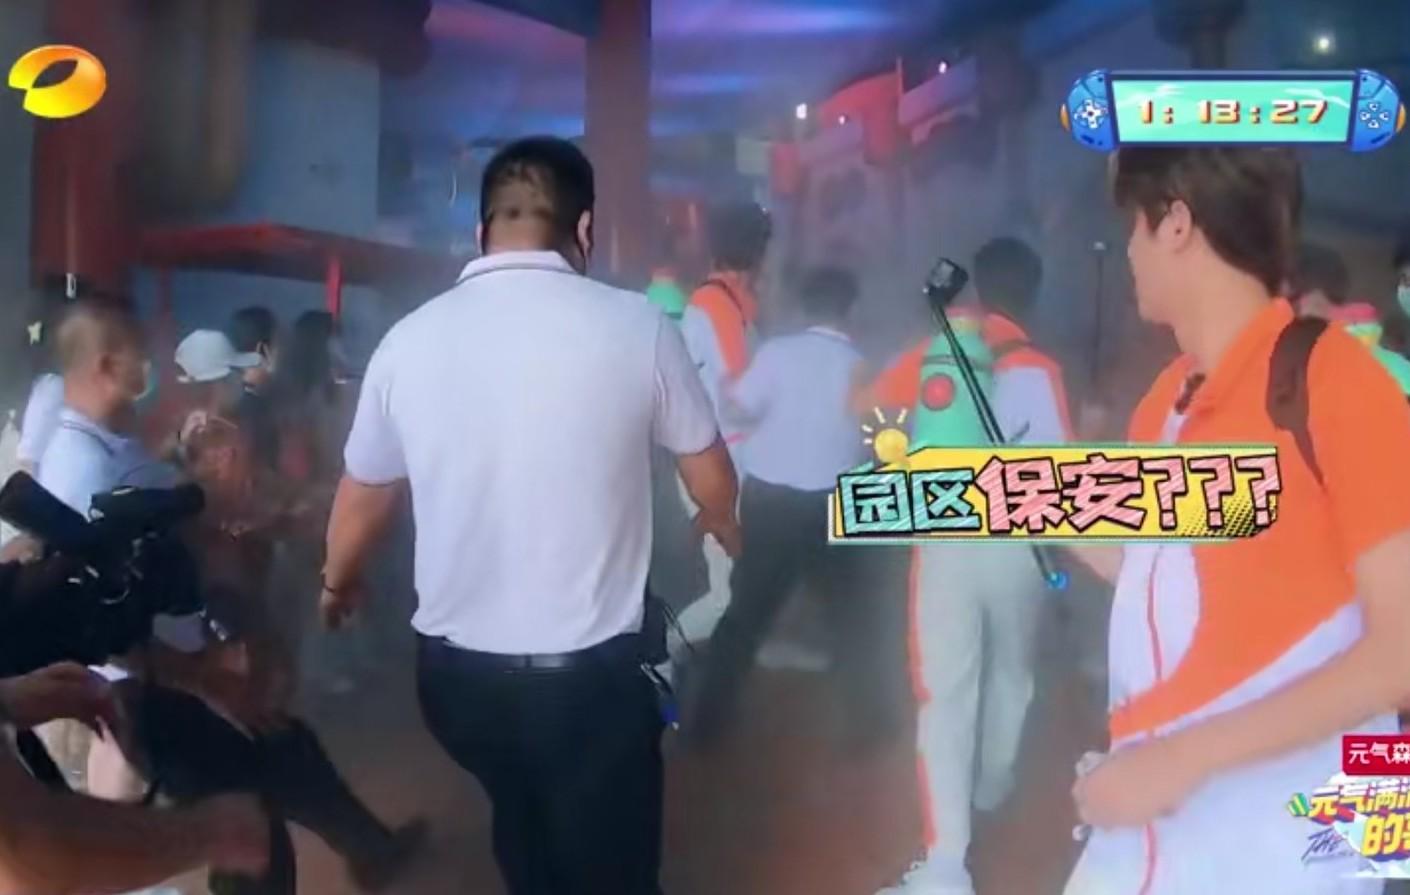 吴奇隆偷袭不成反被当成坏人被保安按倒在地,节目组遭质疑